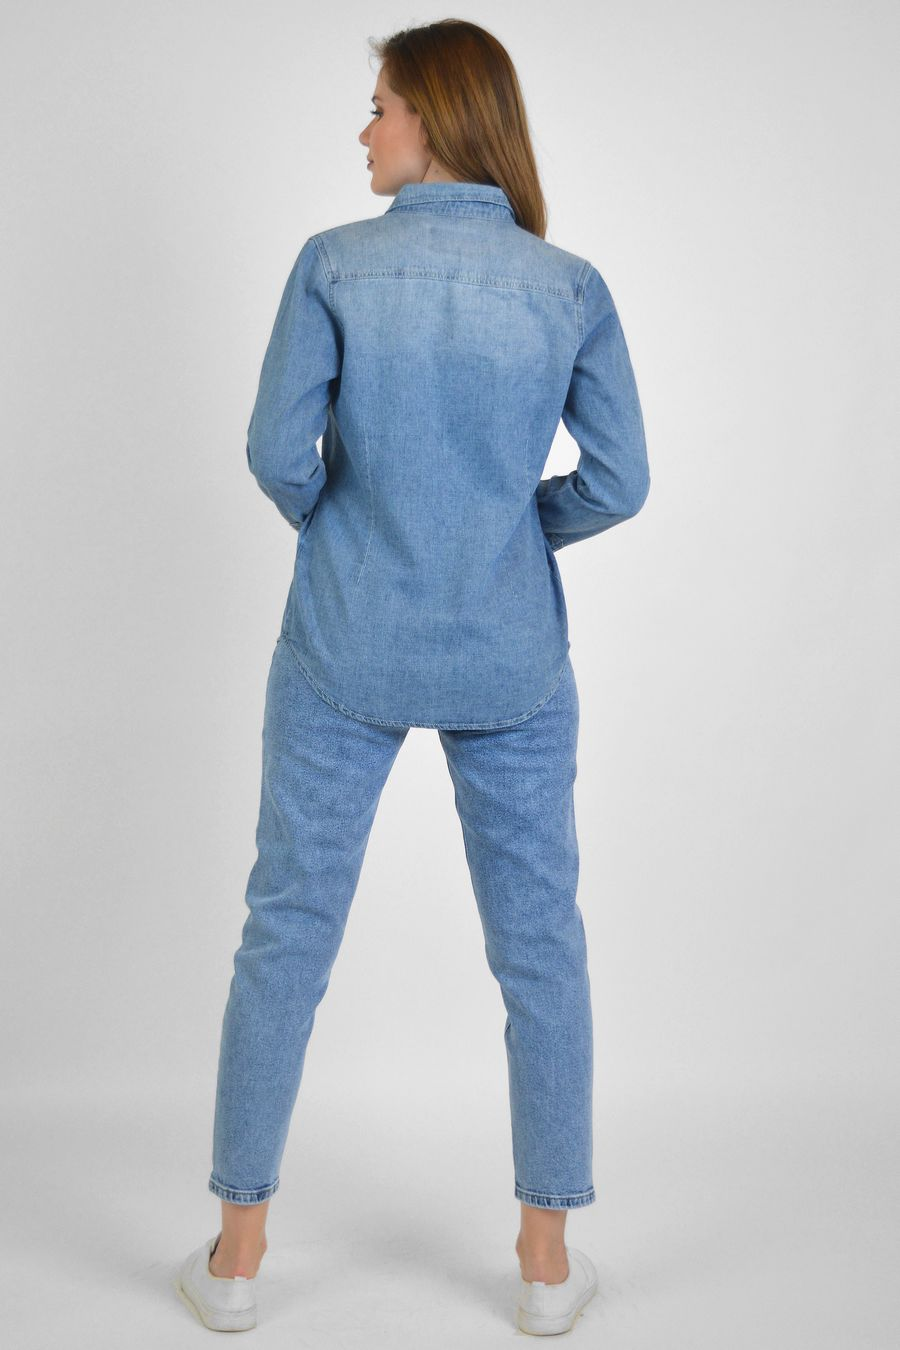 Рубашка женская Baccino 9662 джинсовая - фото 2